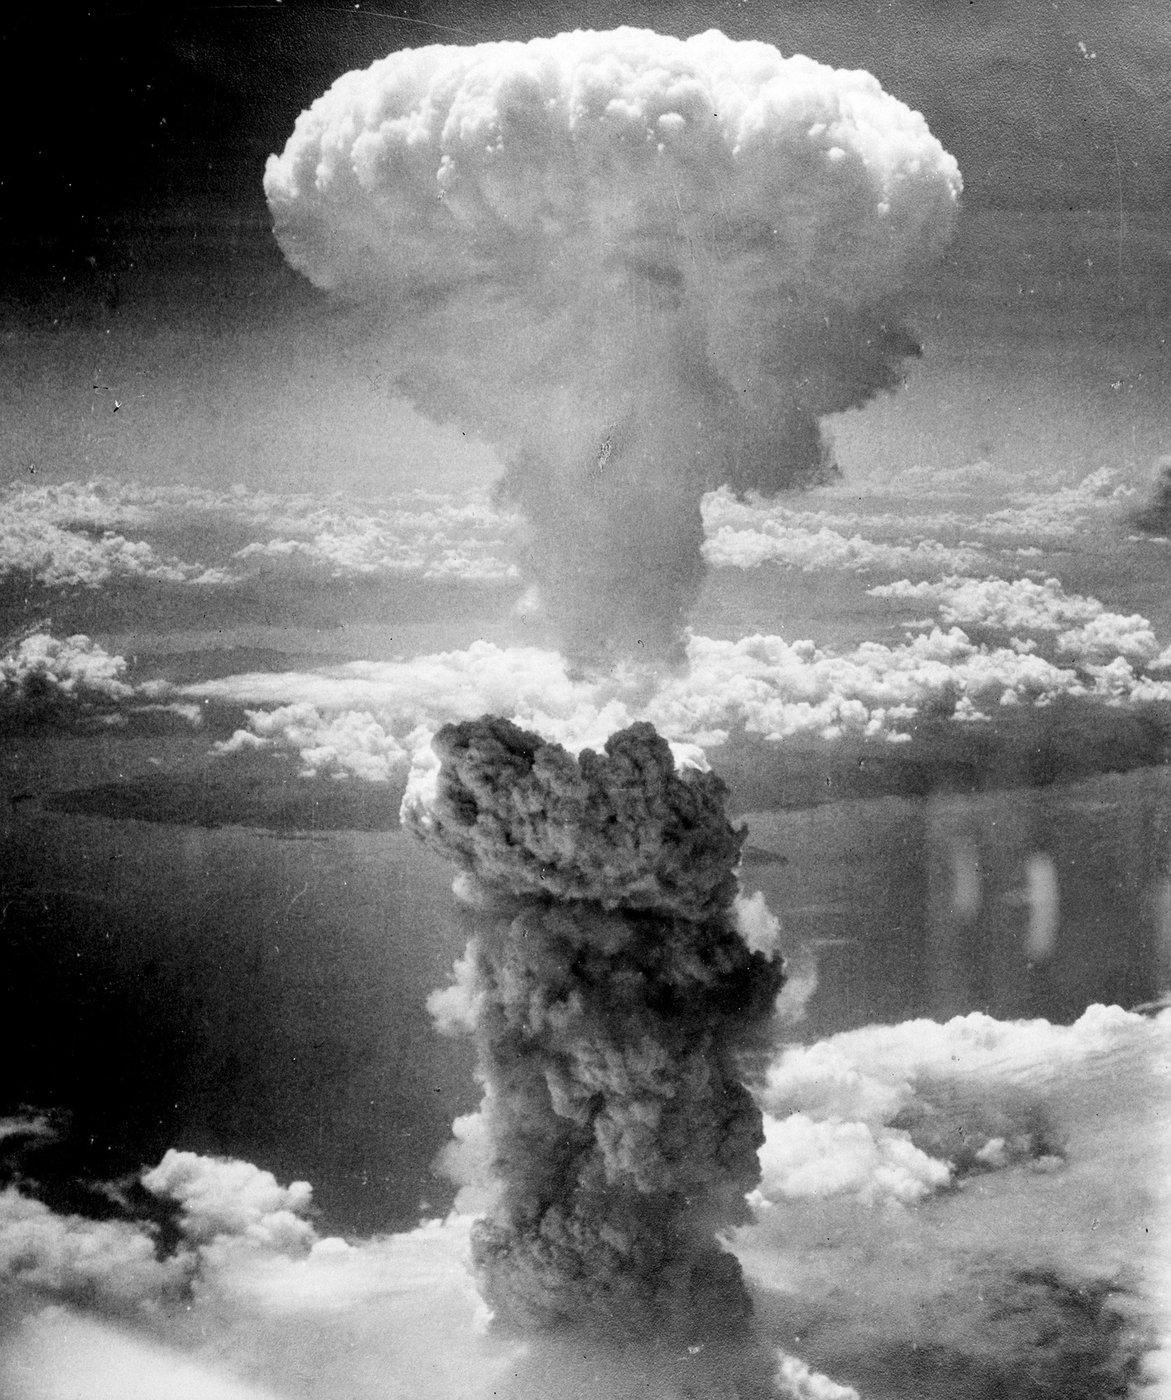 Jaderná válka s KLDR? Spojené státy mají superzbraň, která zabrání katastrofě - anotační obrázek